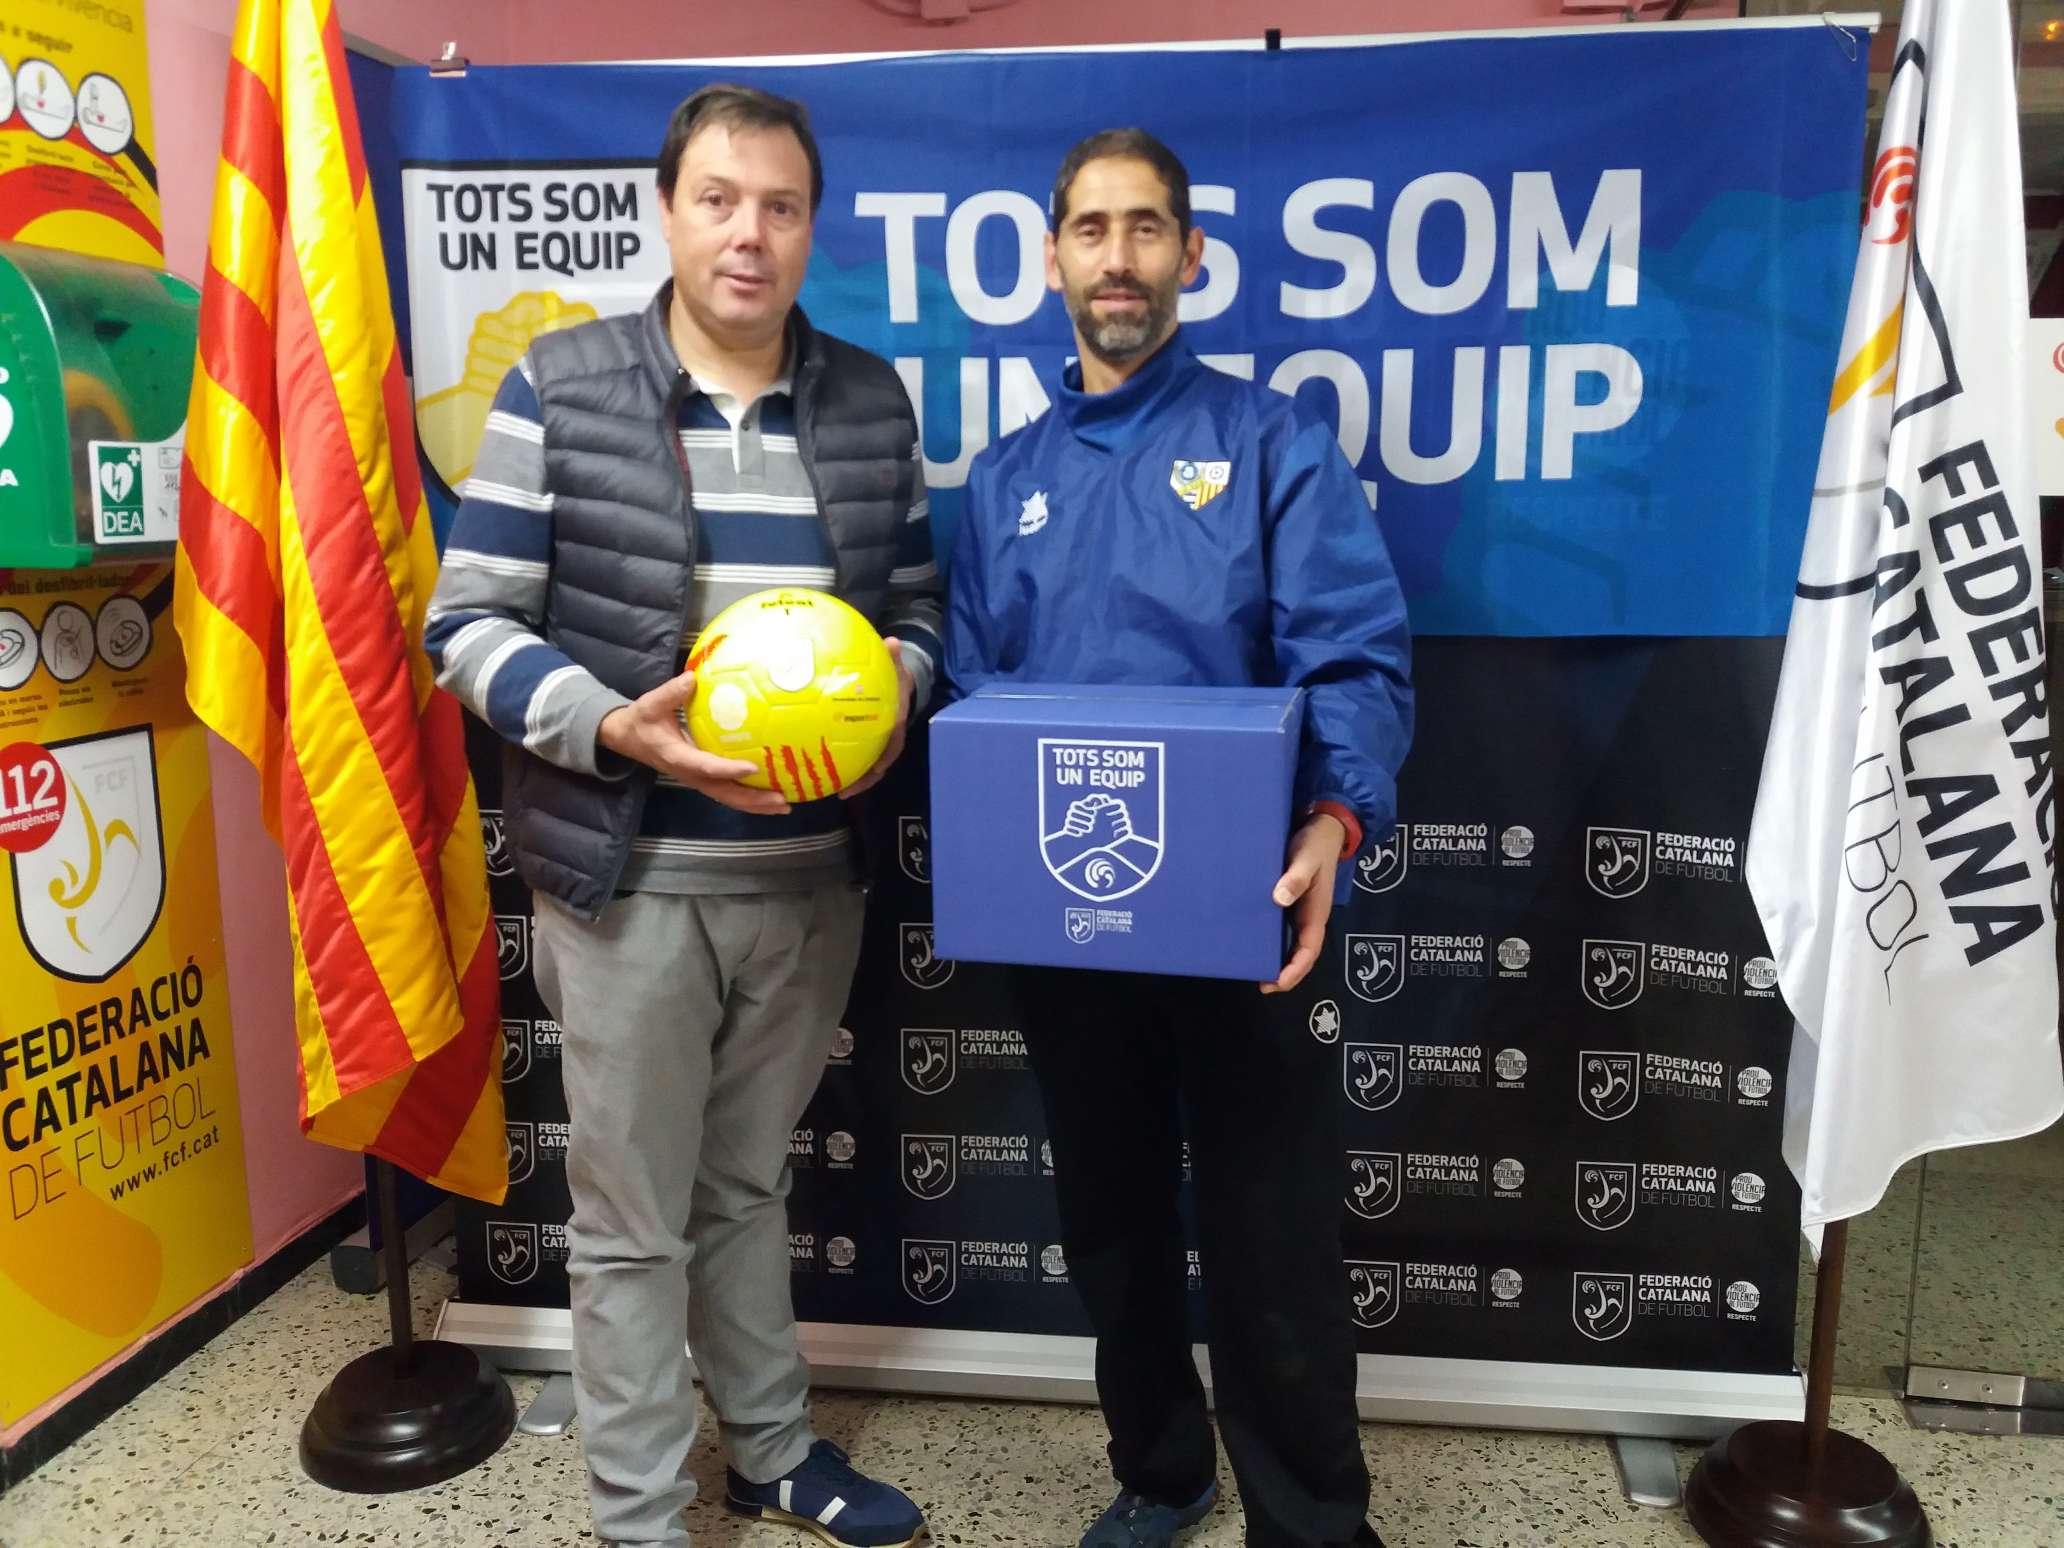 El coordinador de la JE Santa Eugènia, Jordi Rodríguez